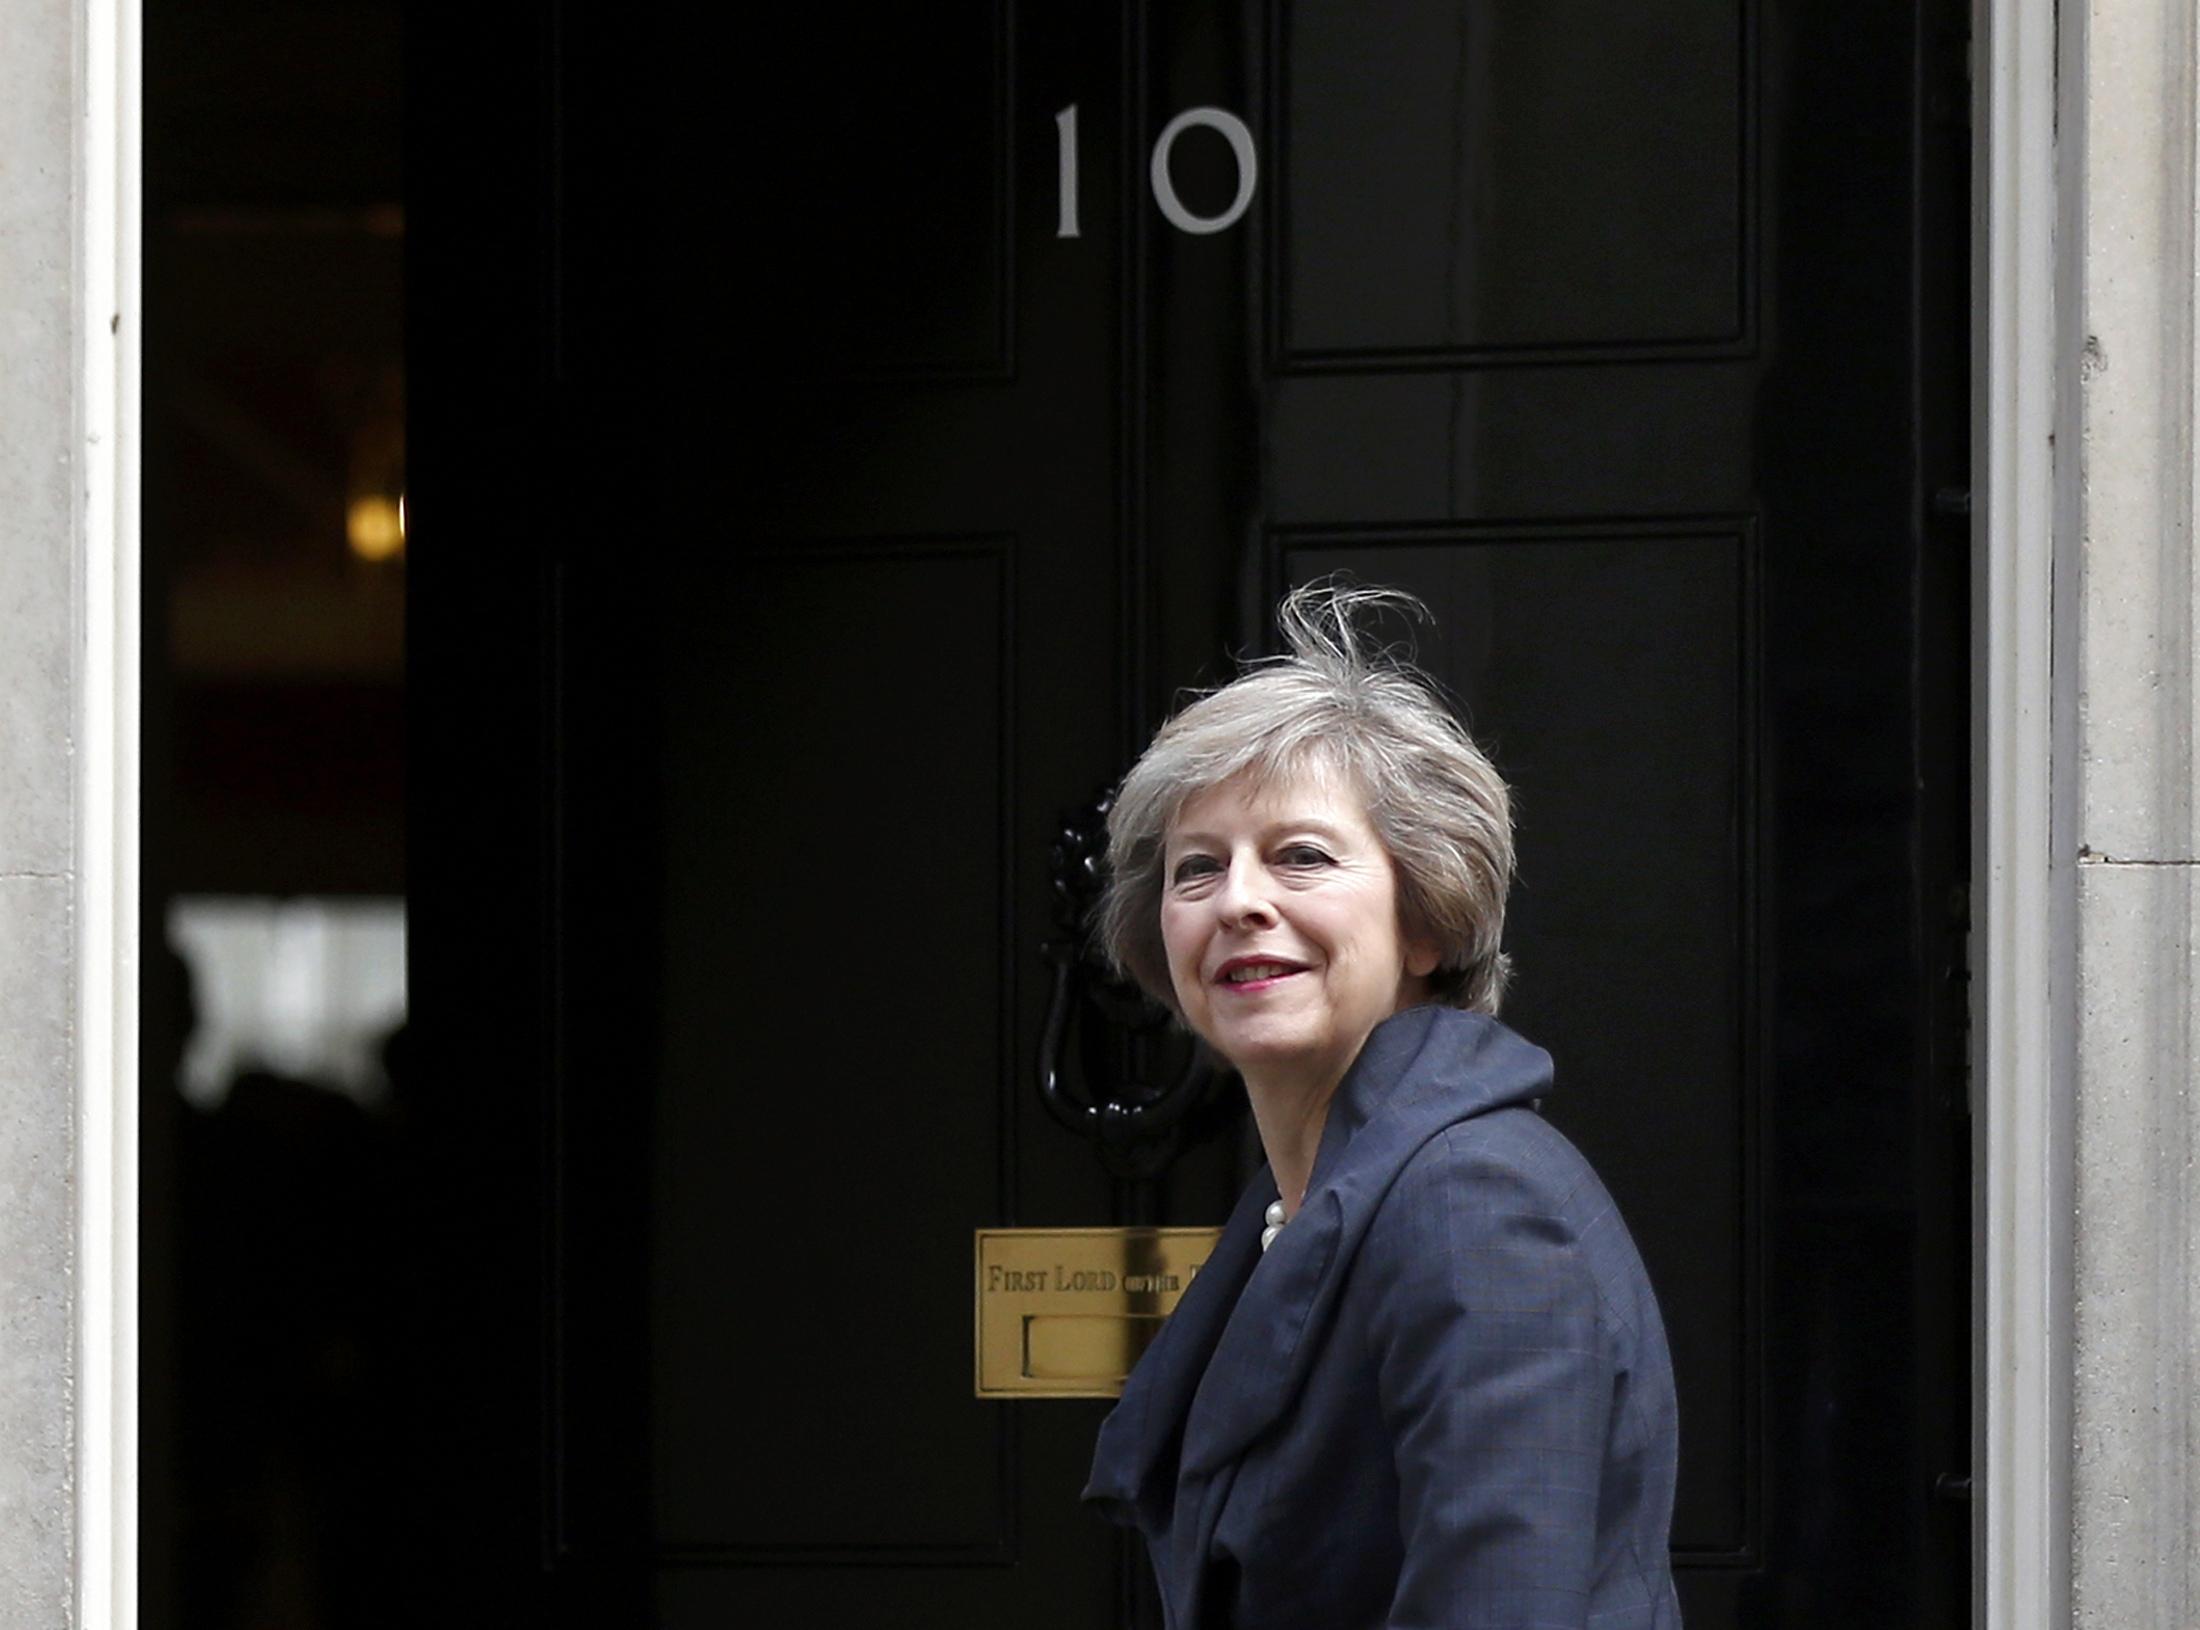 بريطانيا تسعى لفصل جديد من العلاقات مع دول الخليج